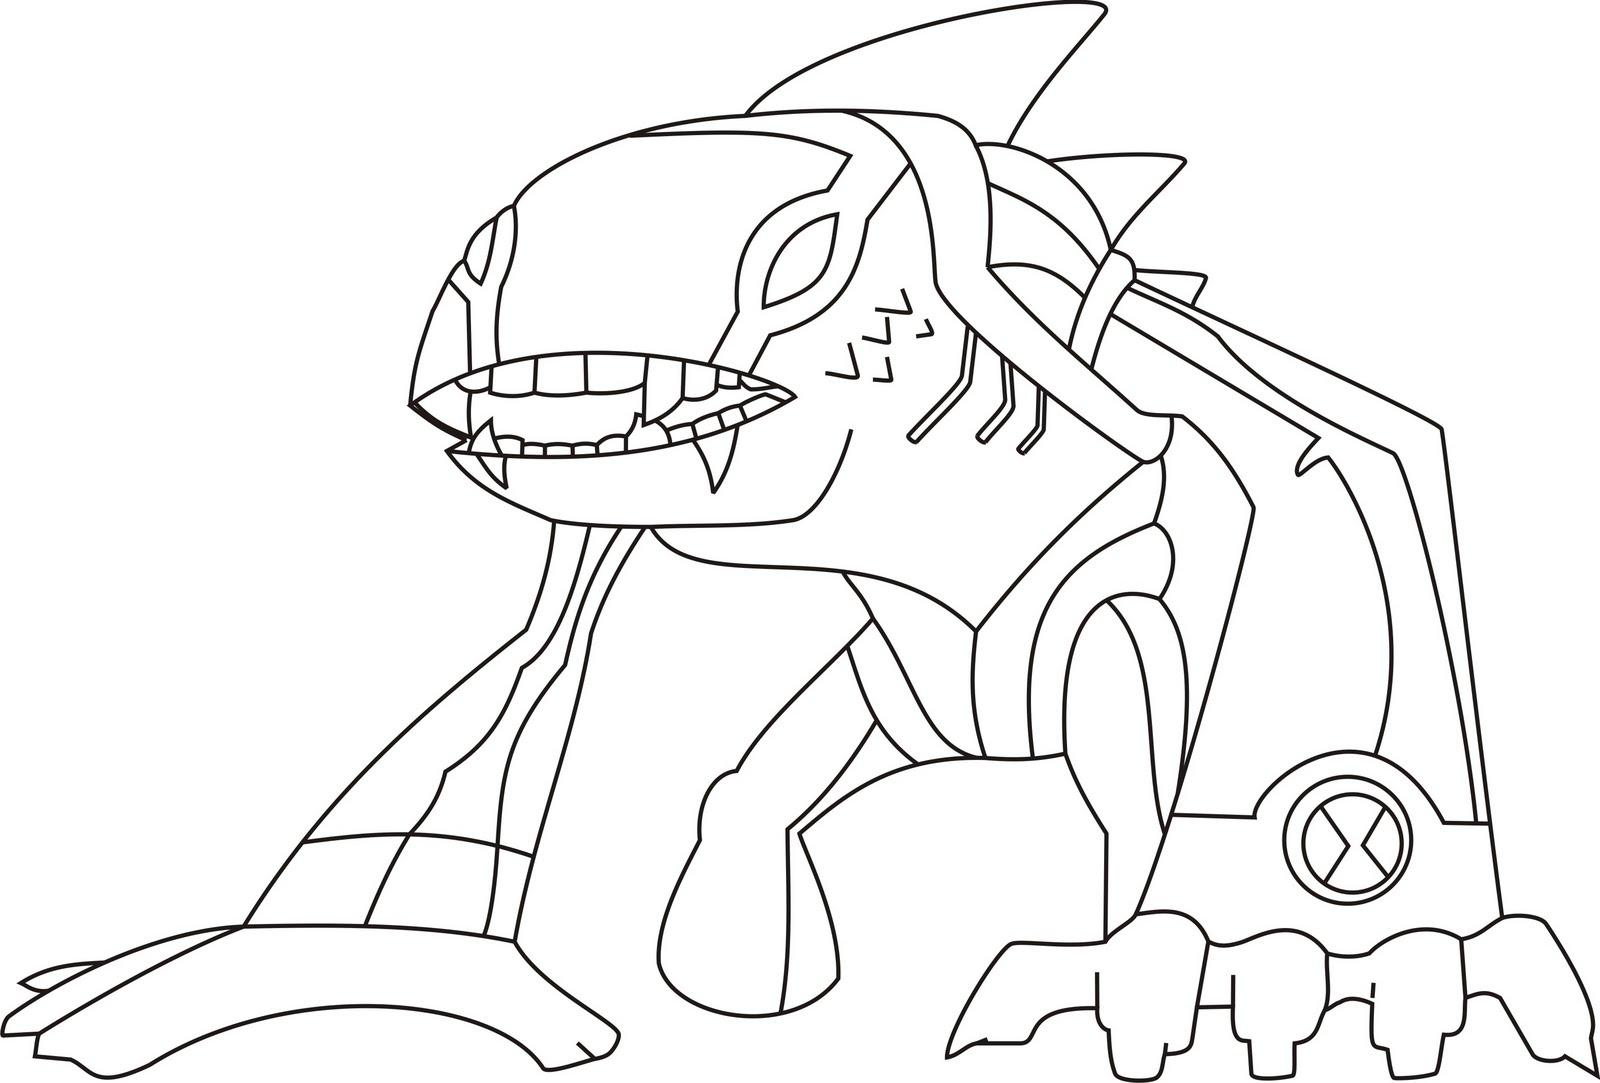 Dibujo para imprimir y colorear de Alien extraterrestre Ben 10 para ...